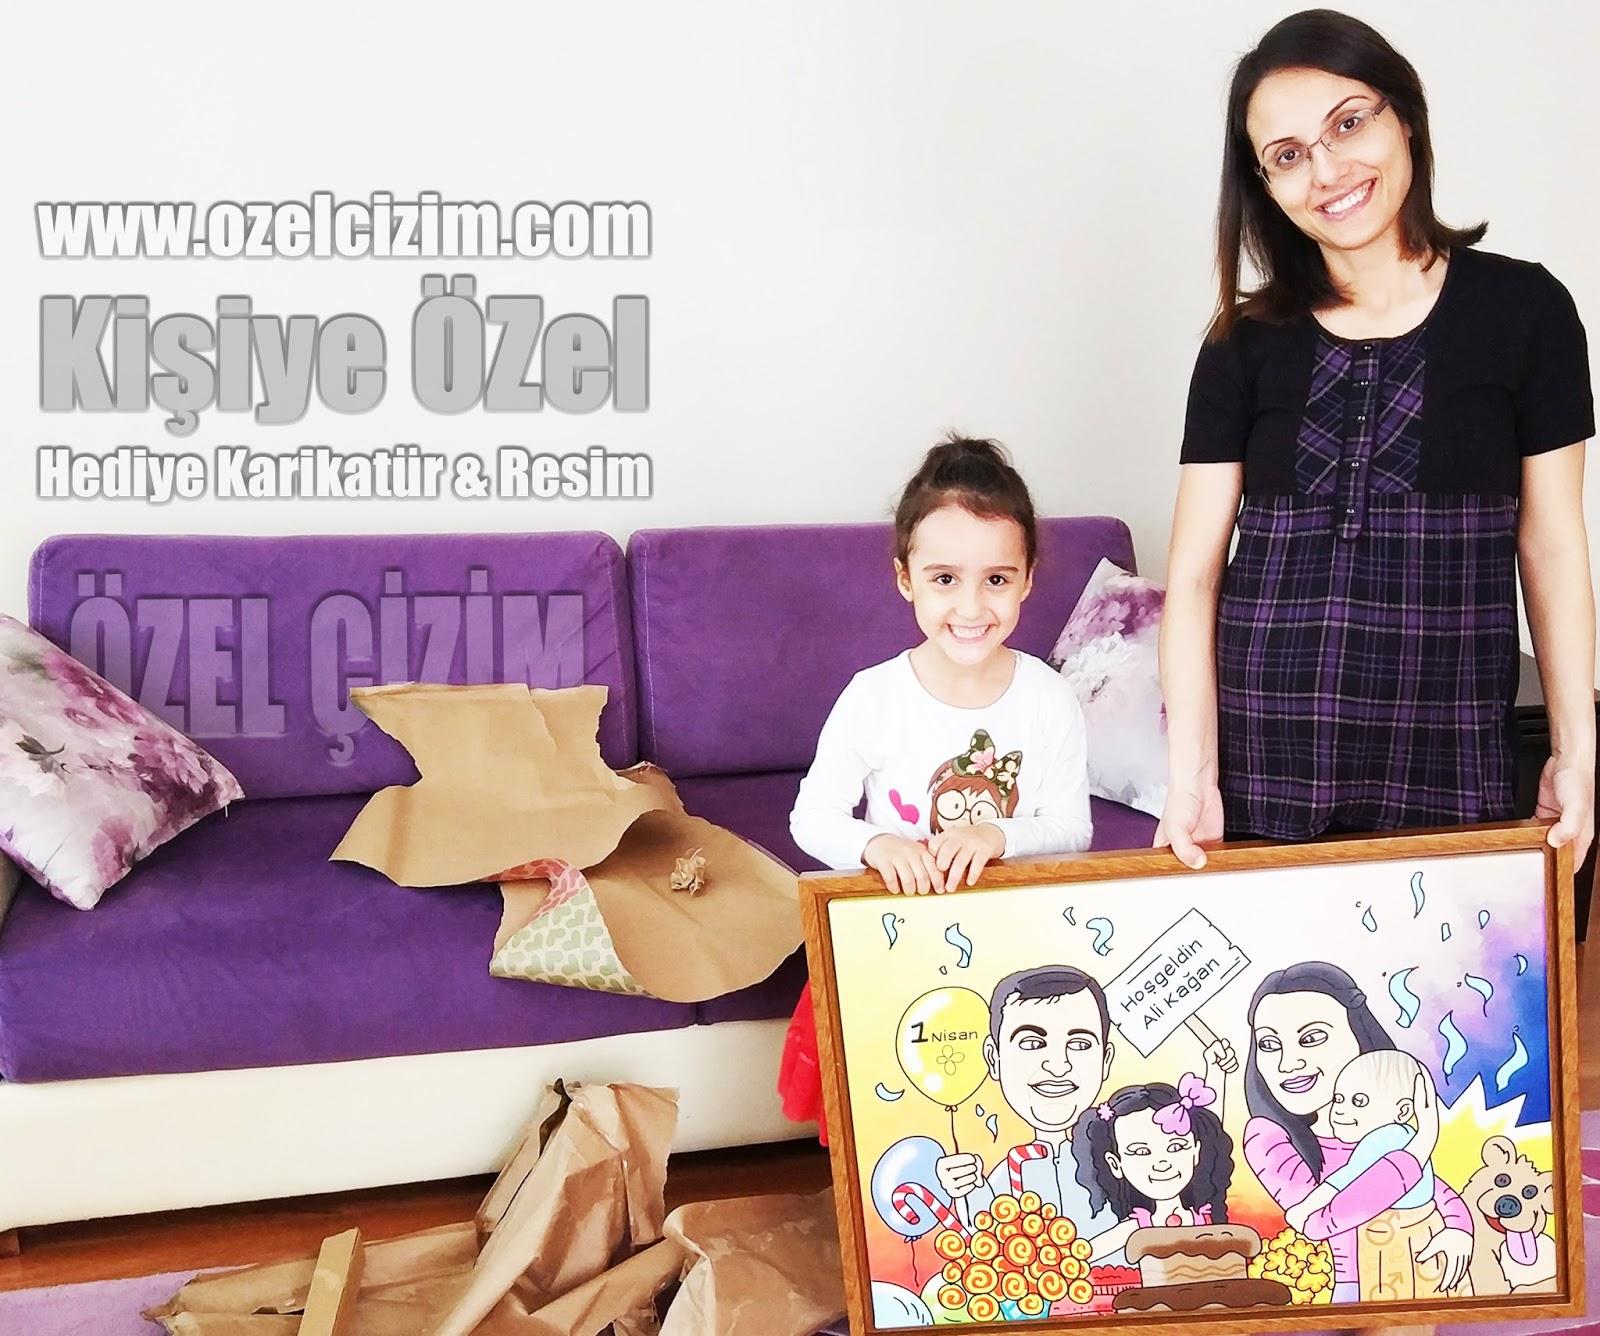 anneye hediye, Anneye Doğum Günü Hediyesi, anneler günü için hediyeler, en güzel hediyeler, Hediye Karikatür, Anneler Günü, özel hediyeler, anneler gunu hediyesi, anneye komik hediye,